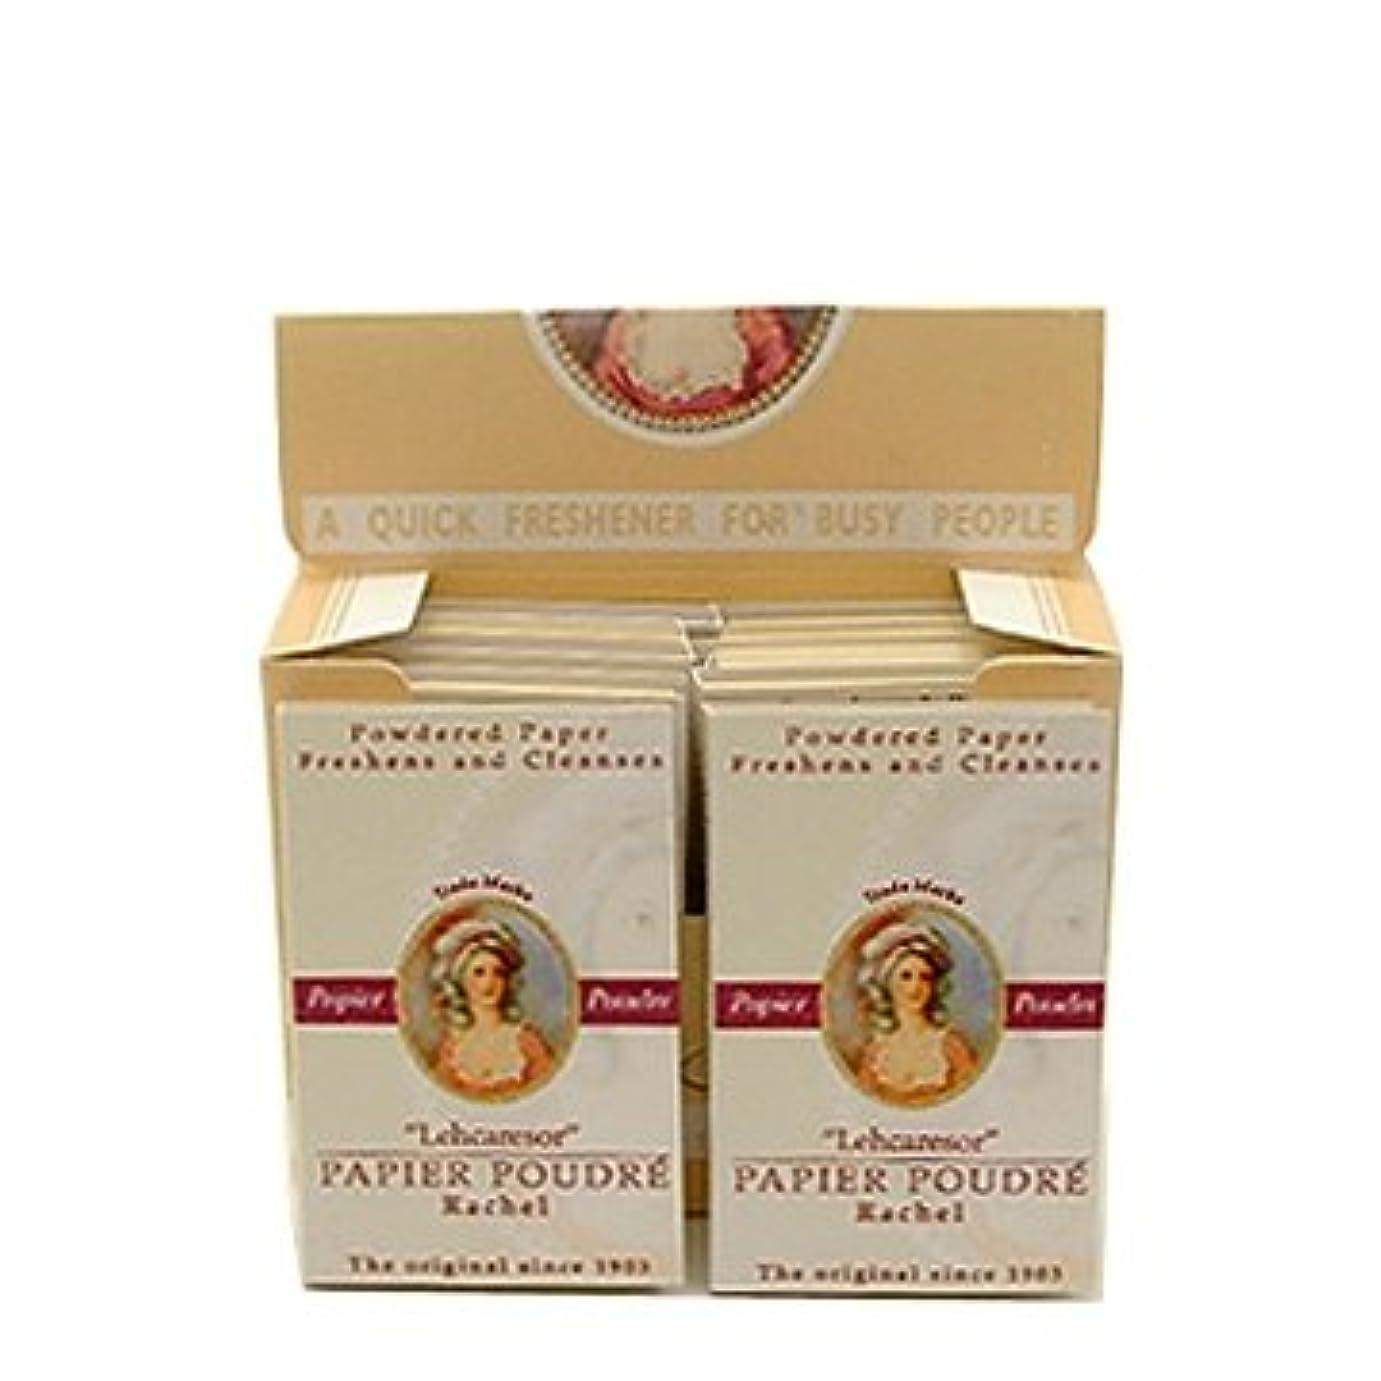 クスコホールキッチンベリック商会 パピアプードル 紙白粉 ローズ64枚入×12個(箱入)